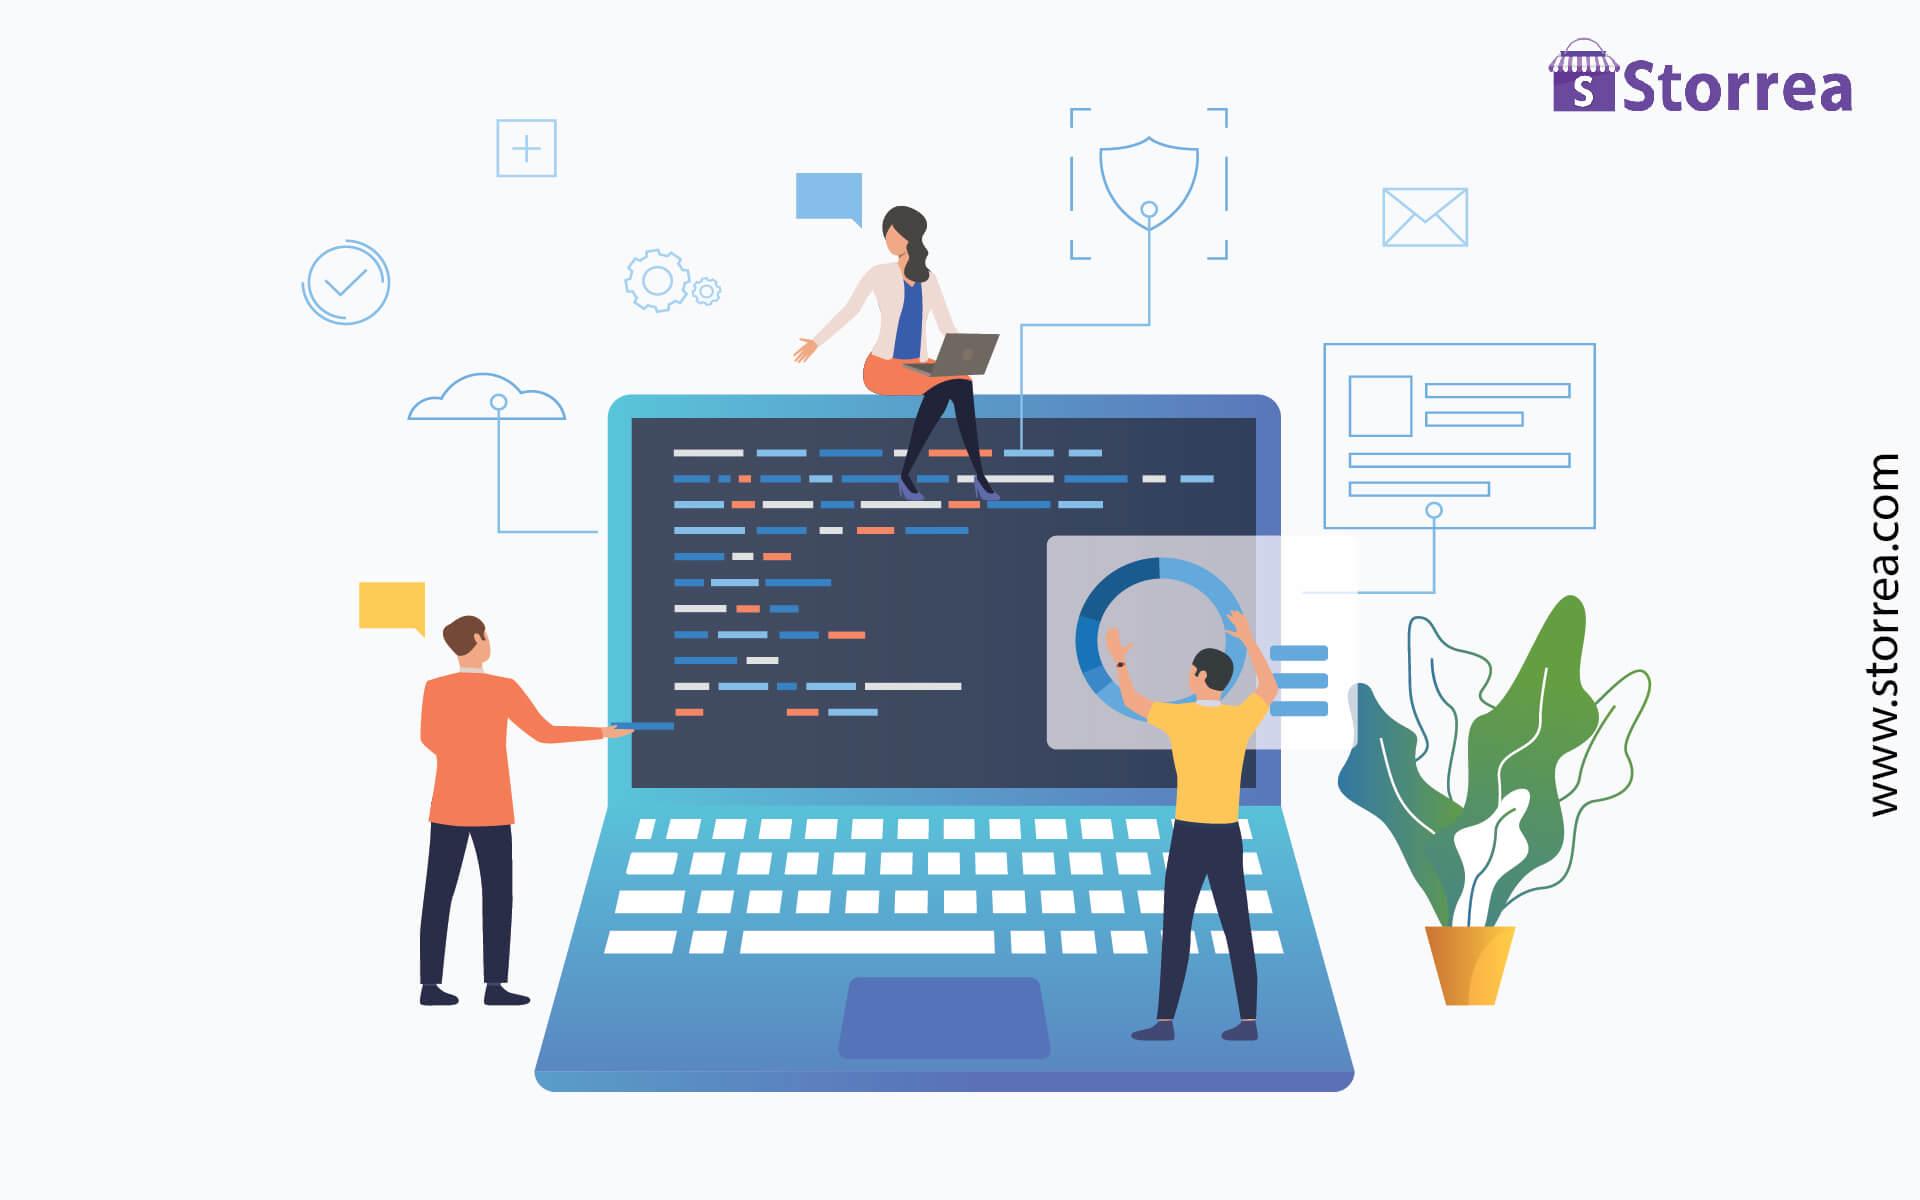 web_development_storrea